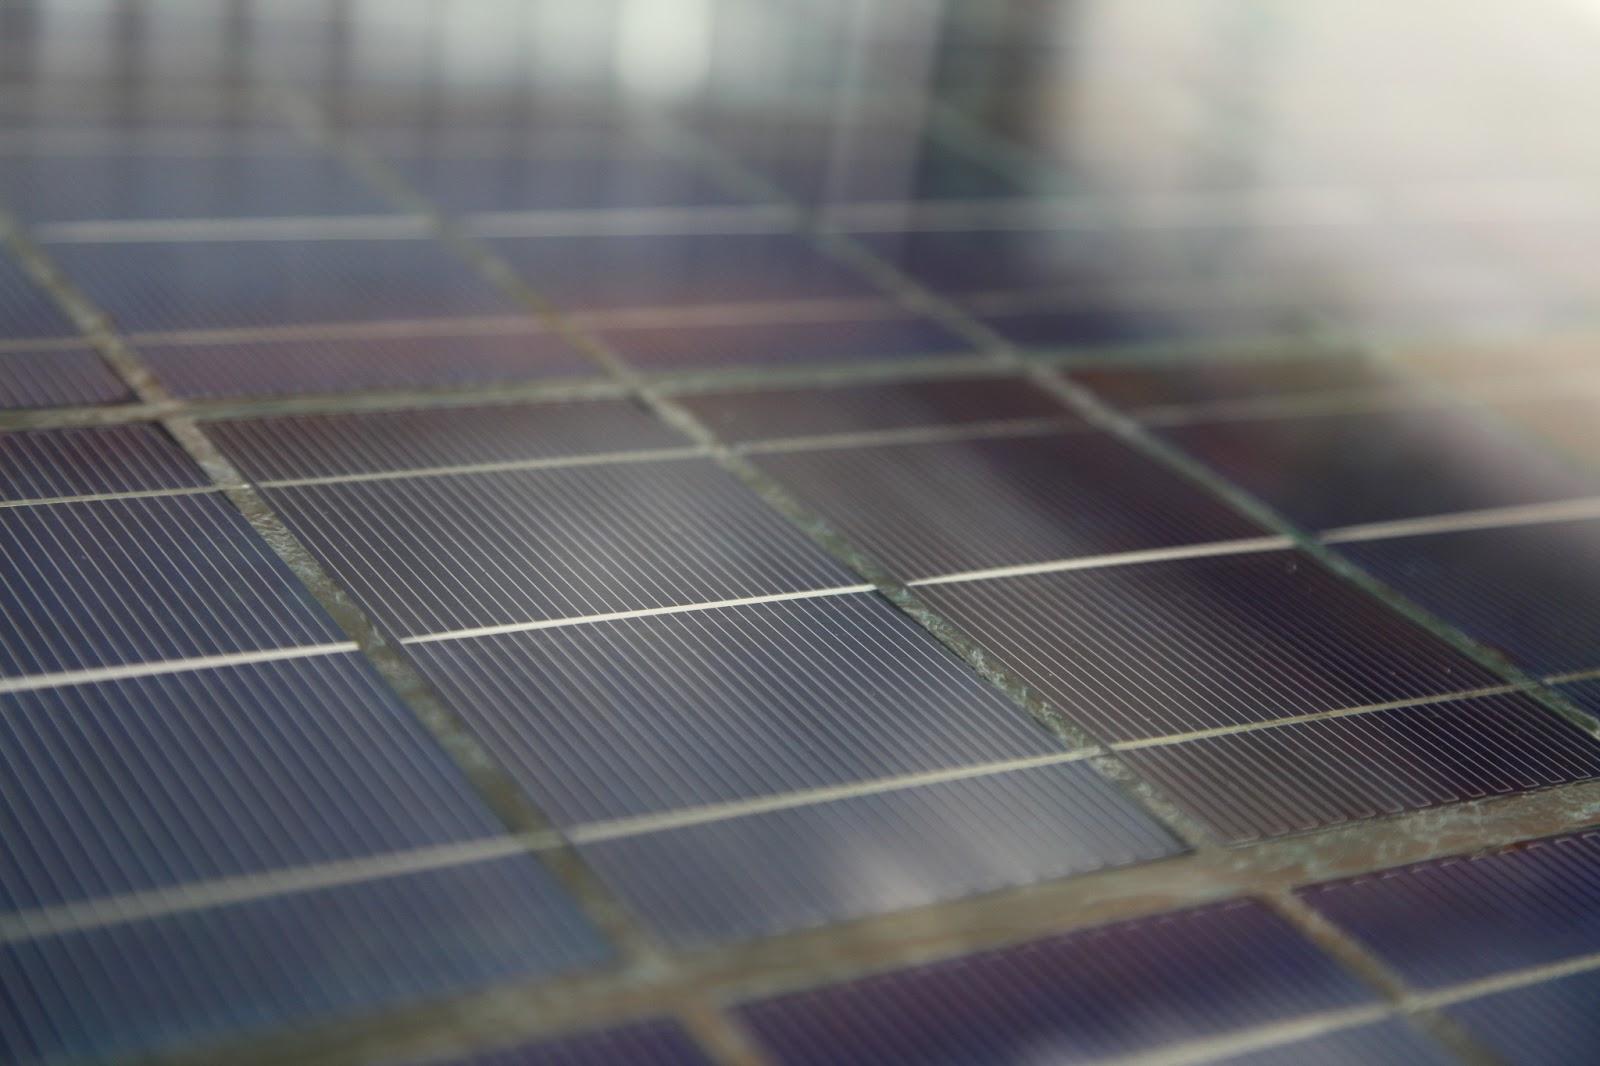 Кремниевые солнечные батареи своими руками Атмосферный двигатель специфика такого мотора